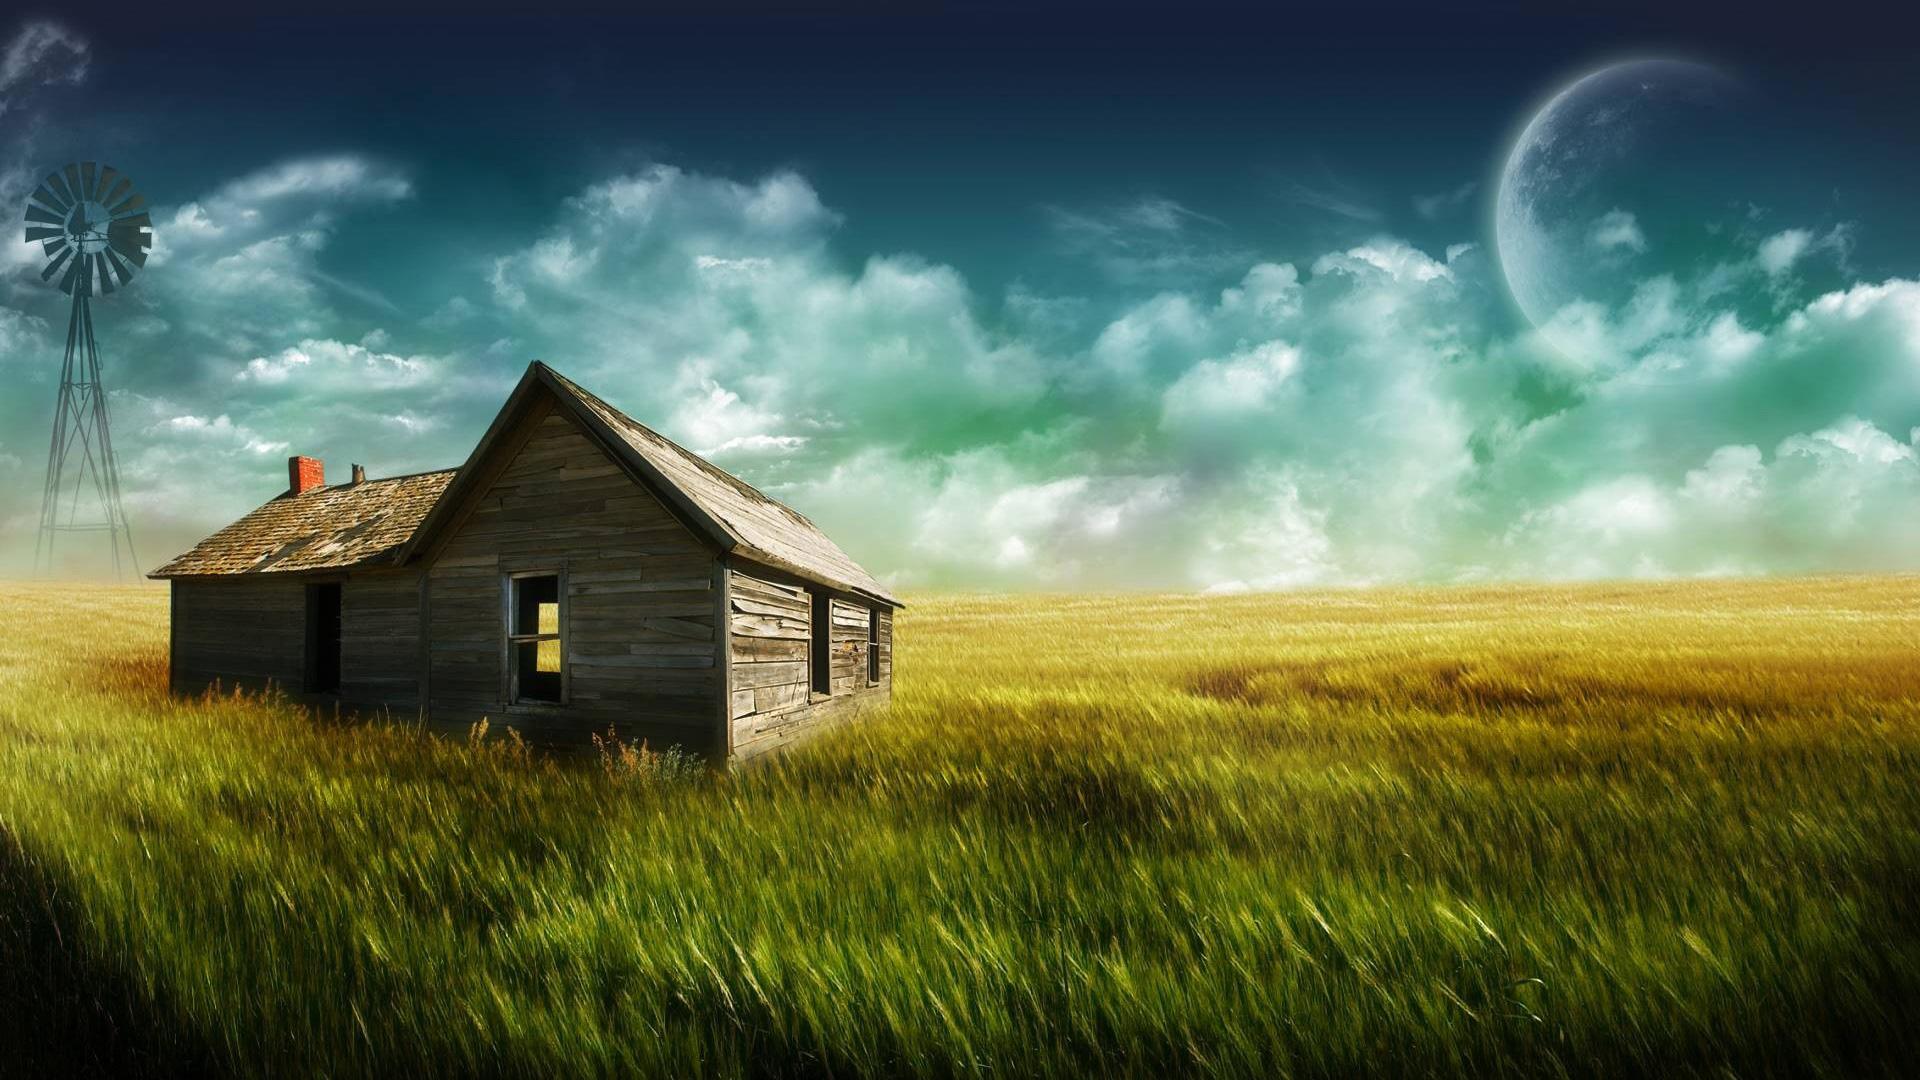 Farm House HD 1080p Wallpaper High Definition The Farm House HD 1080p 1920x1080